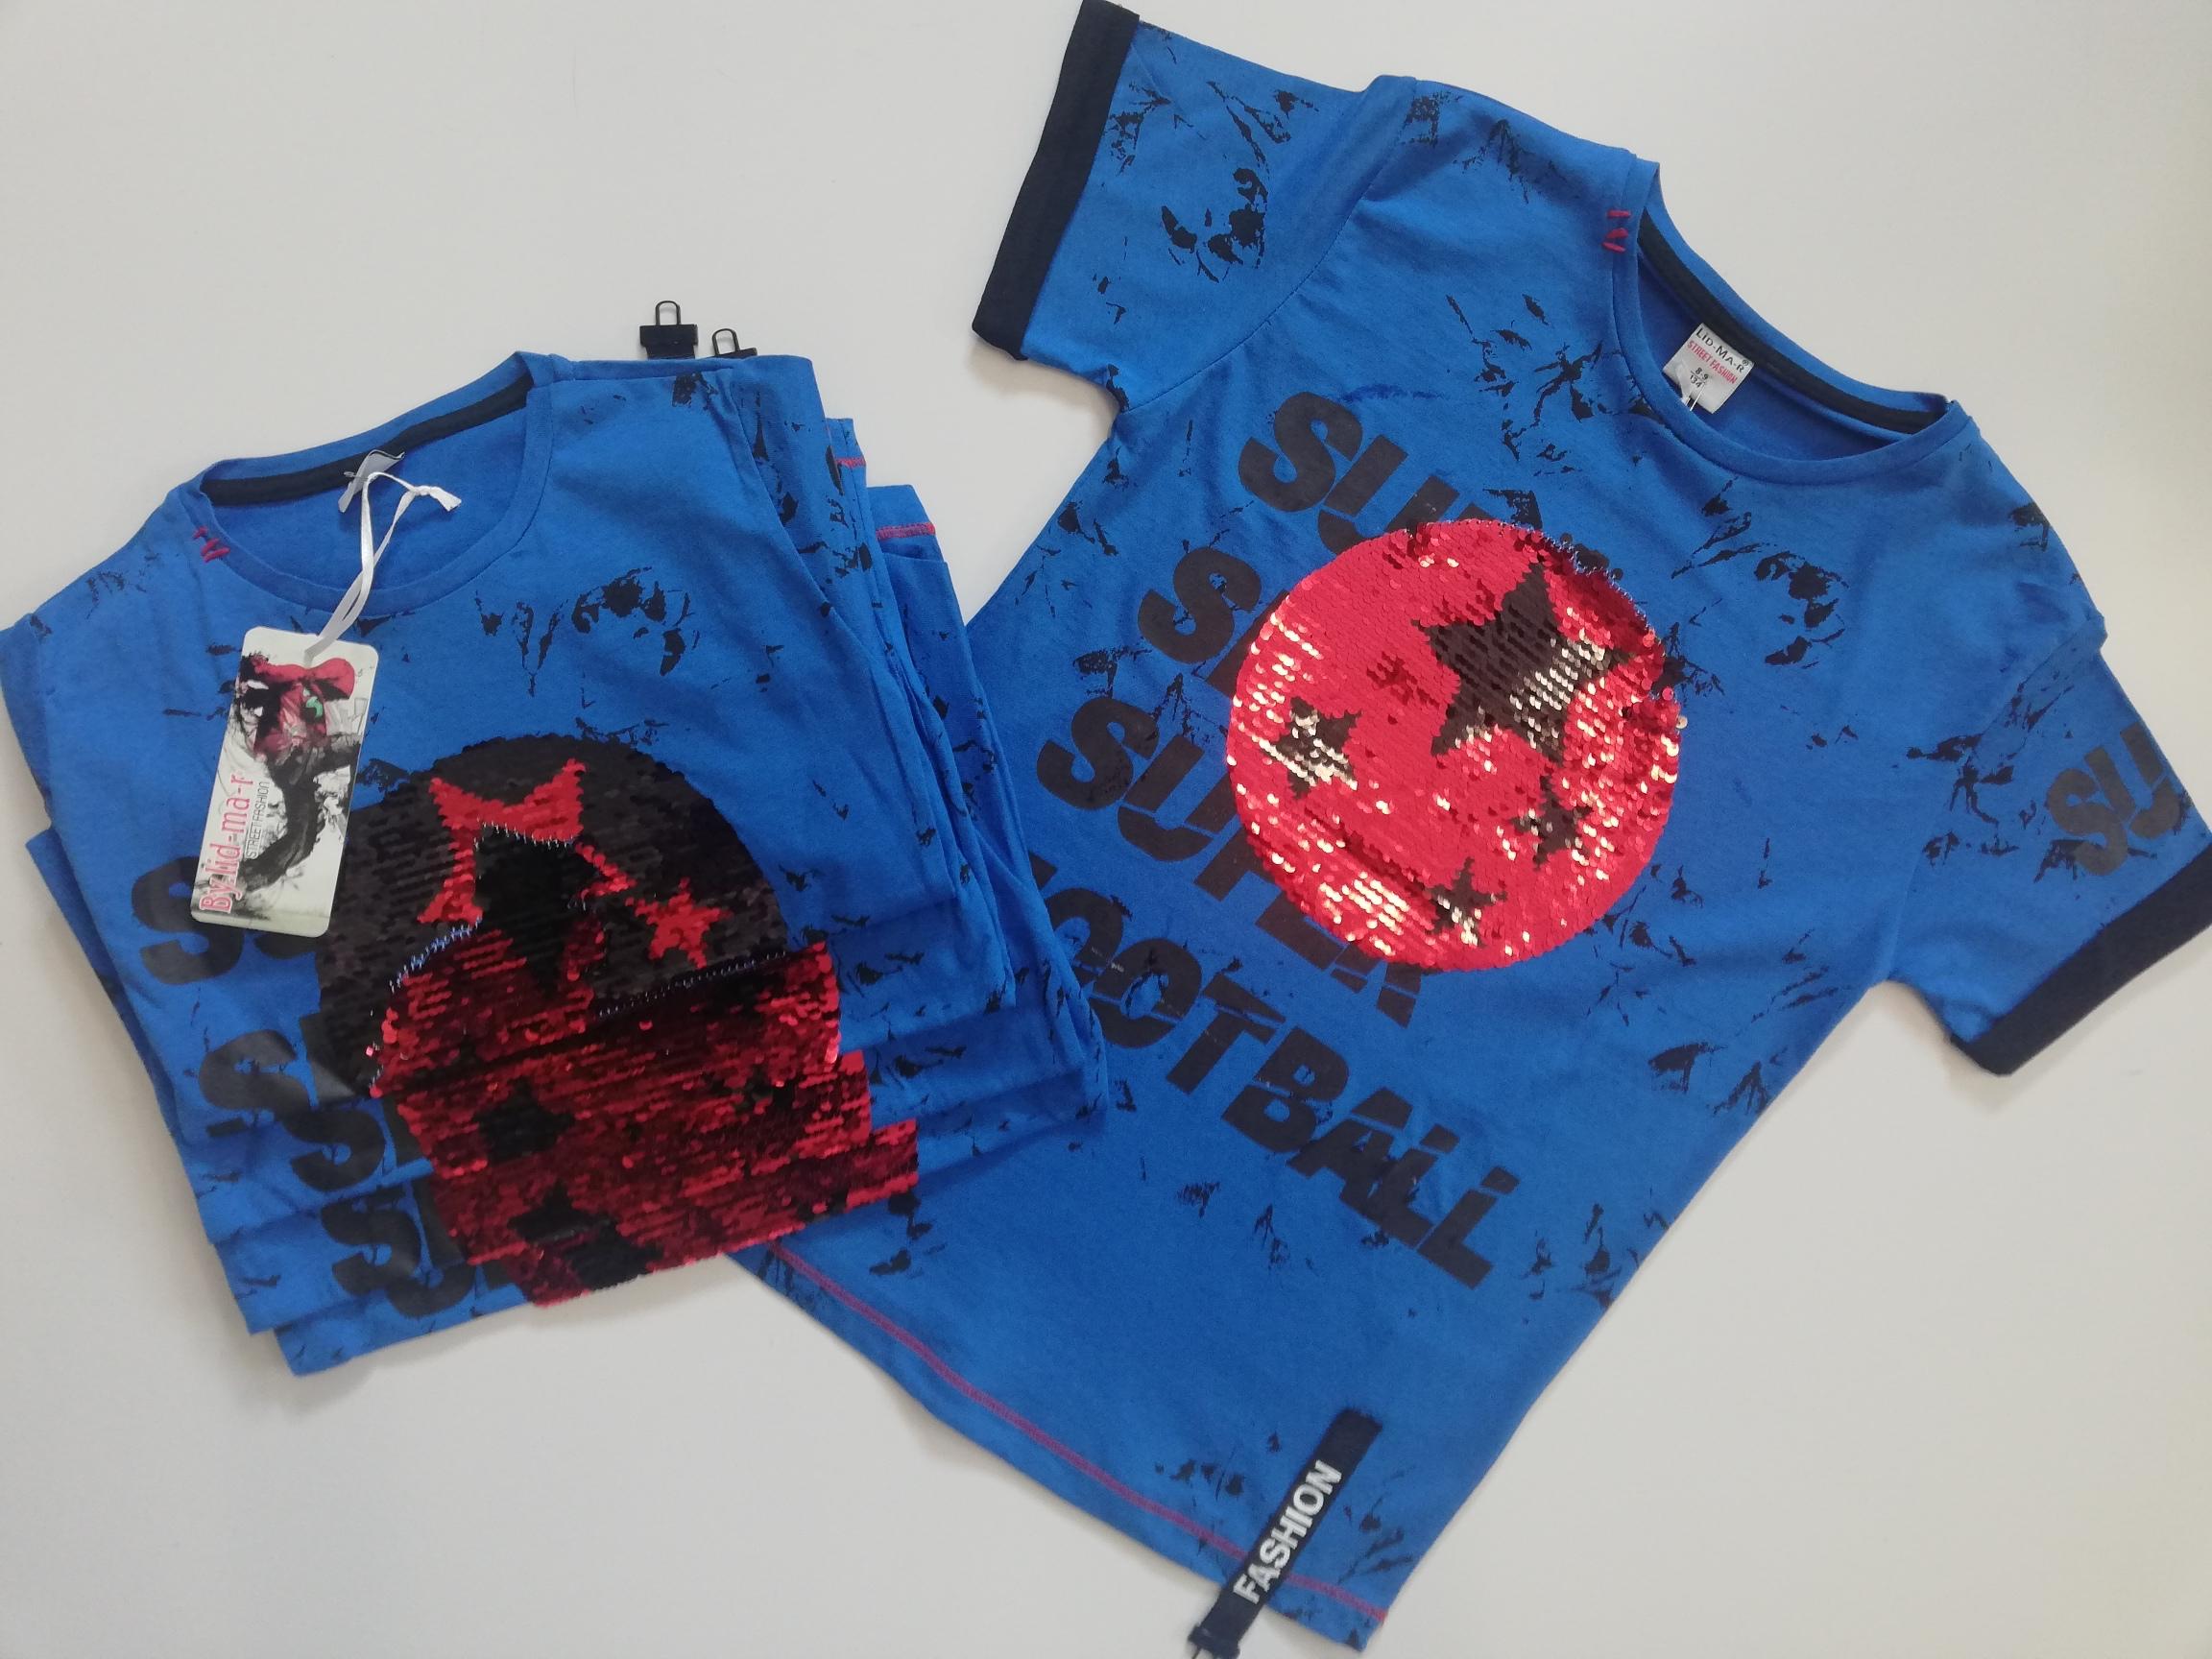 542b8fccc856 Chlapecké tričko vel. 116